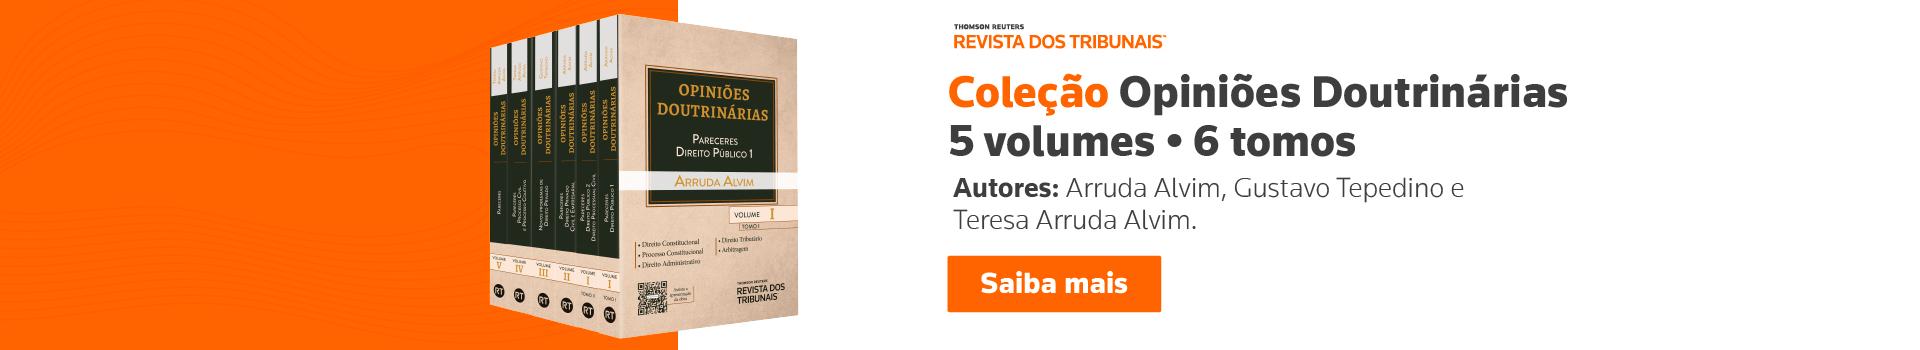 Coleção Opiniões Doutrinárias - 5 volumes